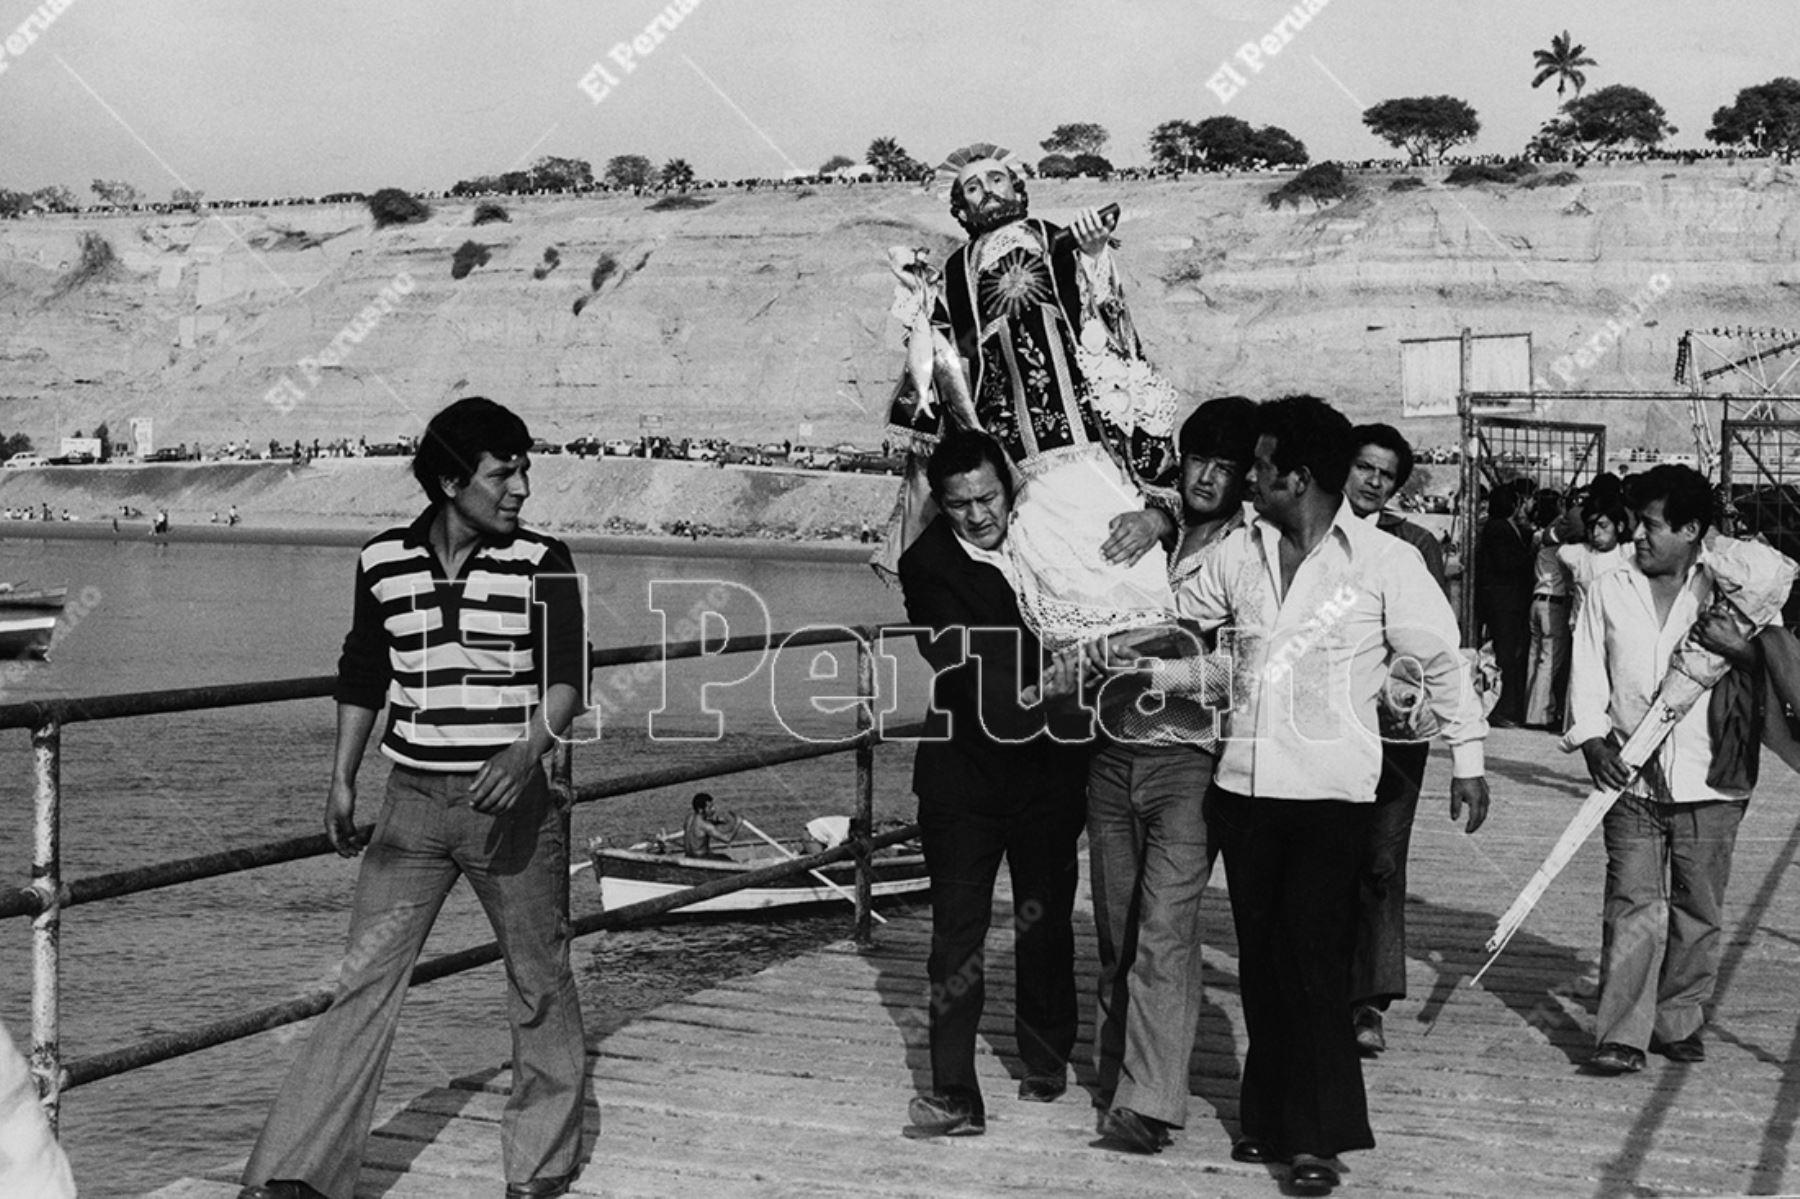 Chorrillos - 29 junio 1975  / Pescadores llevan la imagen de San Pedro en Chorrillos.    Foto: Archivo Histórico de El Peruano / Bernabé Wong